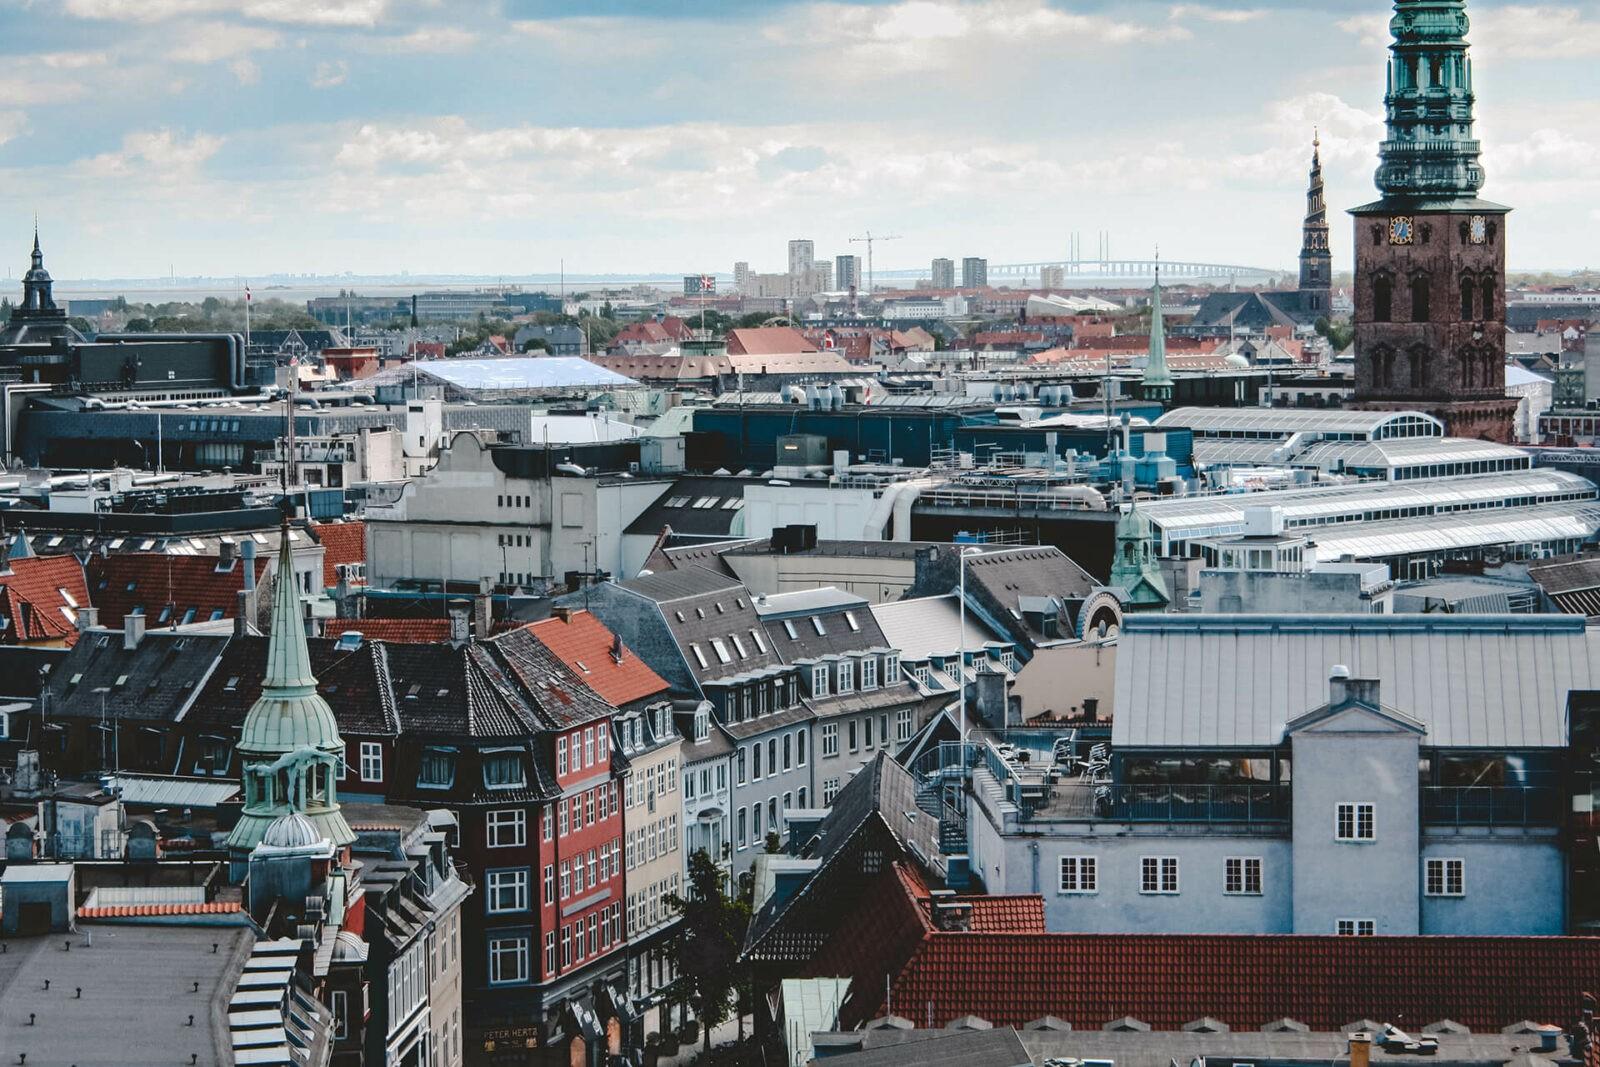 Meest gestelde vragen over mijn maand naar Kopenhagen - Angelina Catharina